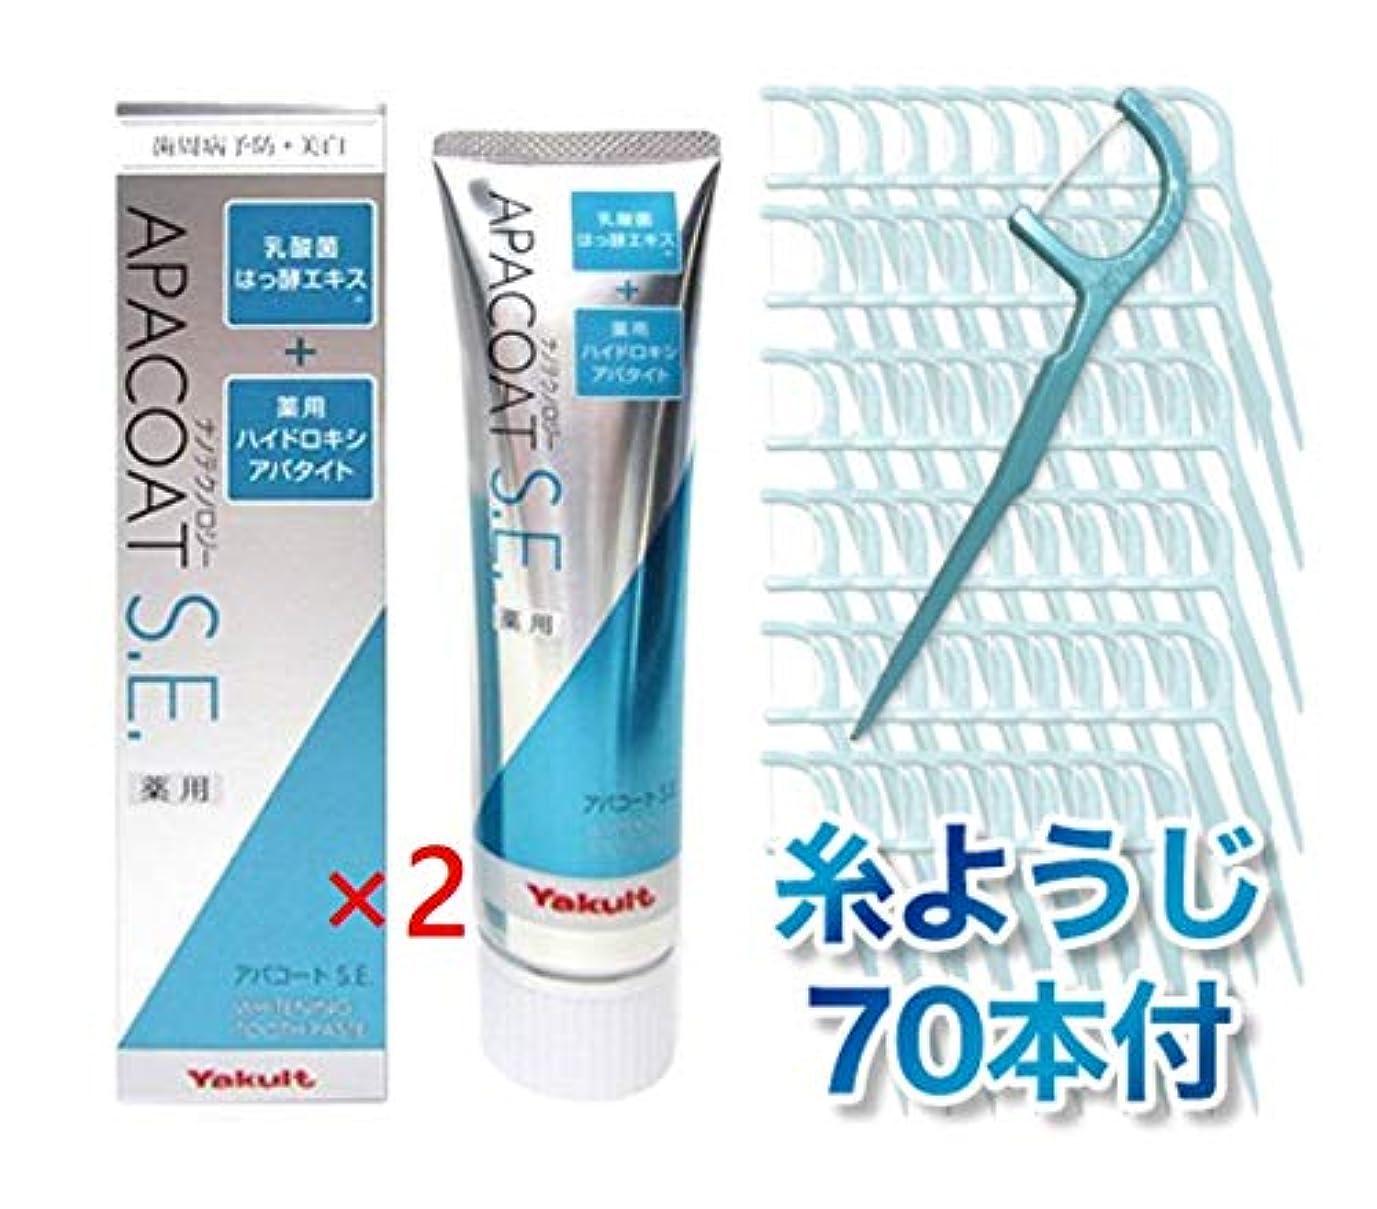 エアコンエクスタシータンザニアヤクルト化粧品 薬用 アパコートS.E. (ナノテクノロジー) 120g 2個 REOオリジナル糸ようじ70本セット